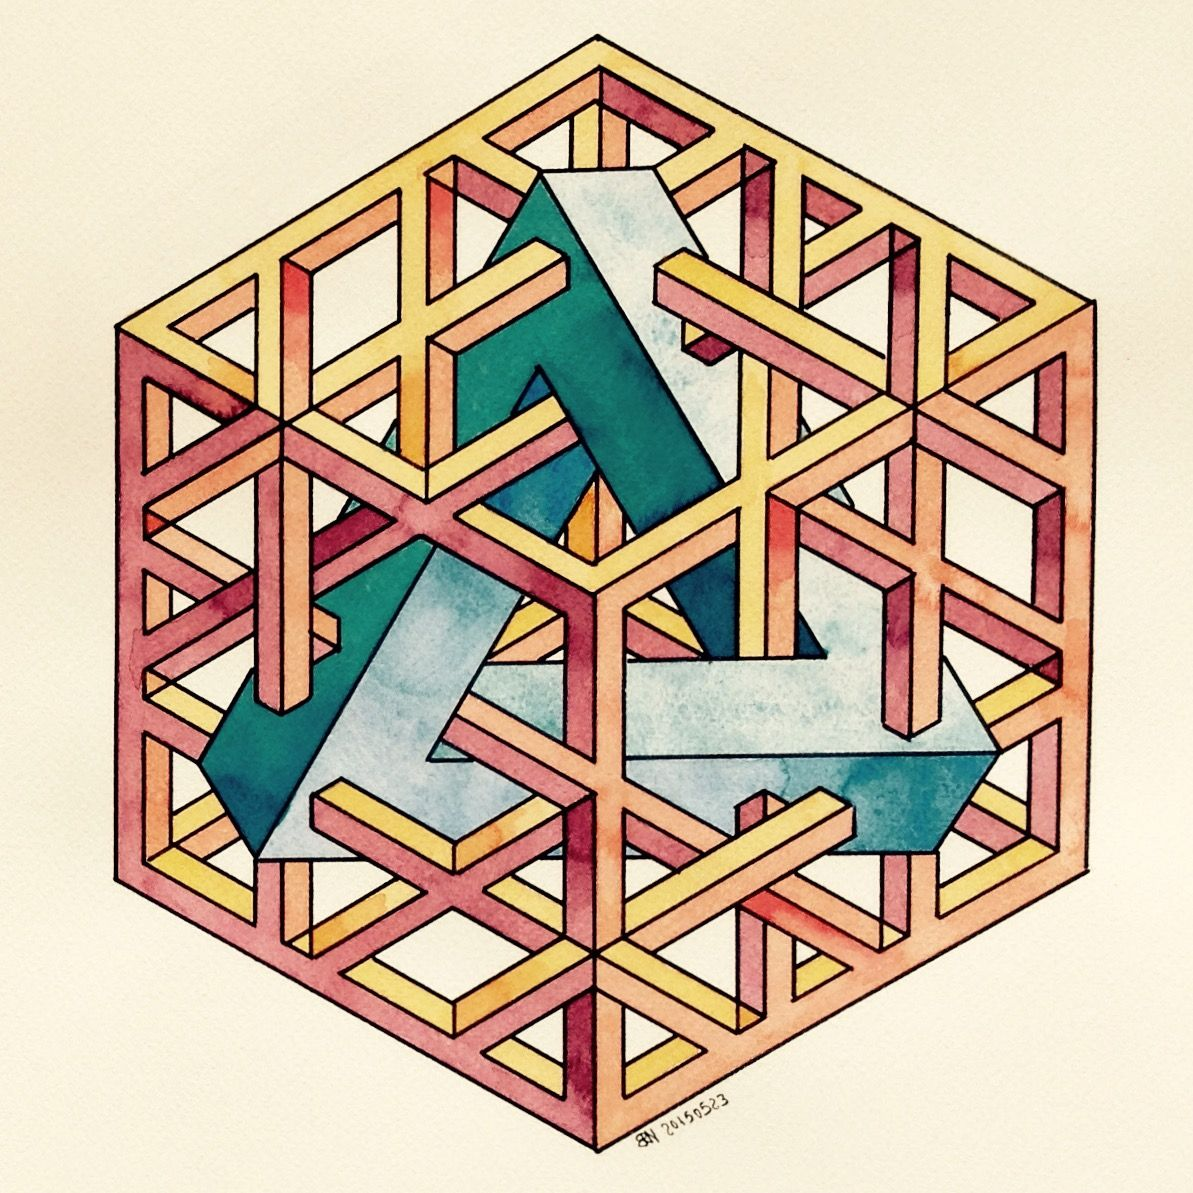 Комплекты для фигуры перевернутый треугольник фото была